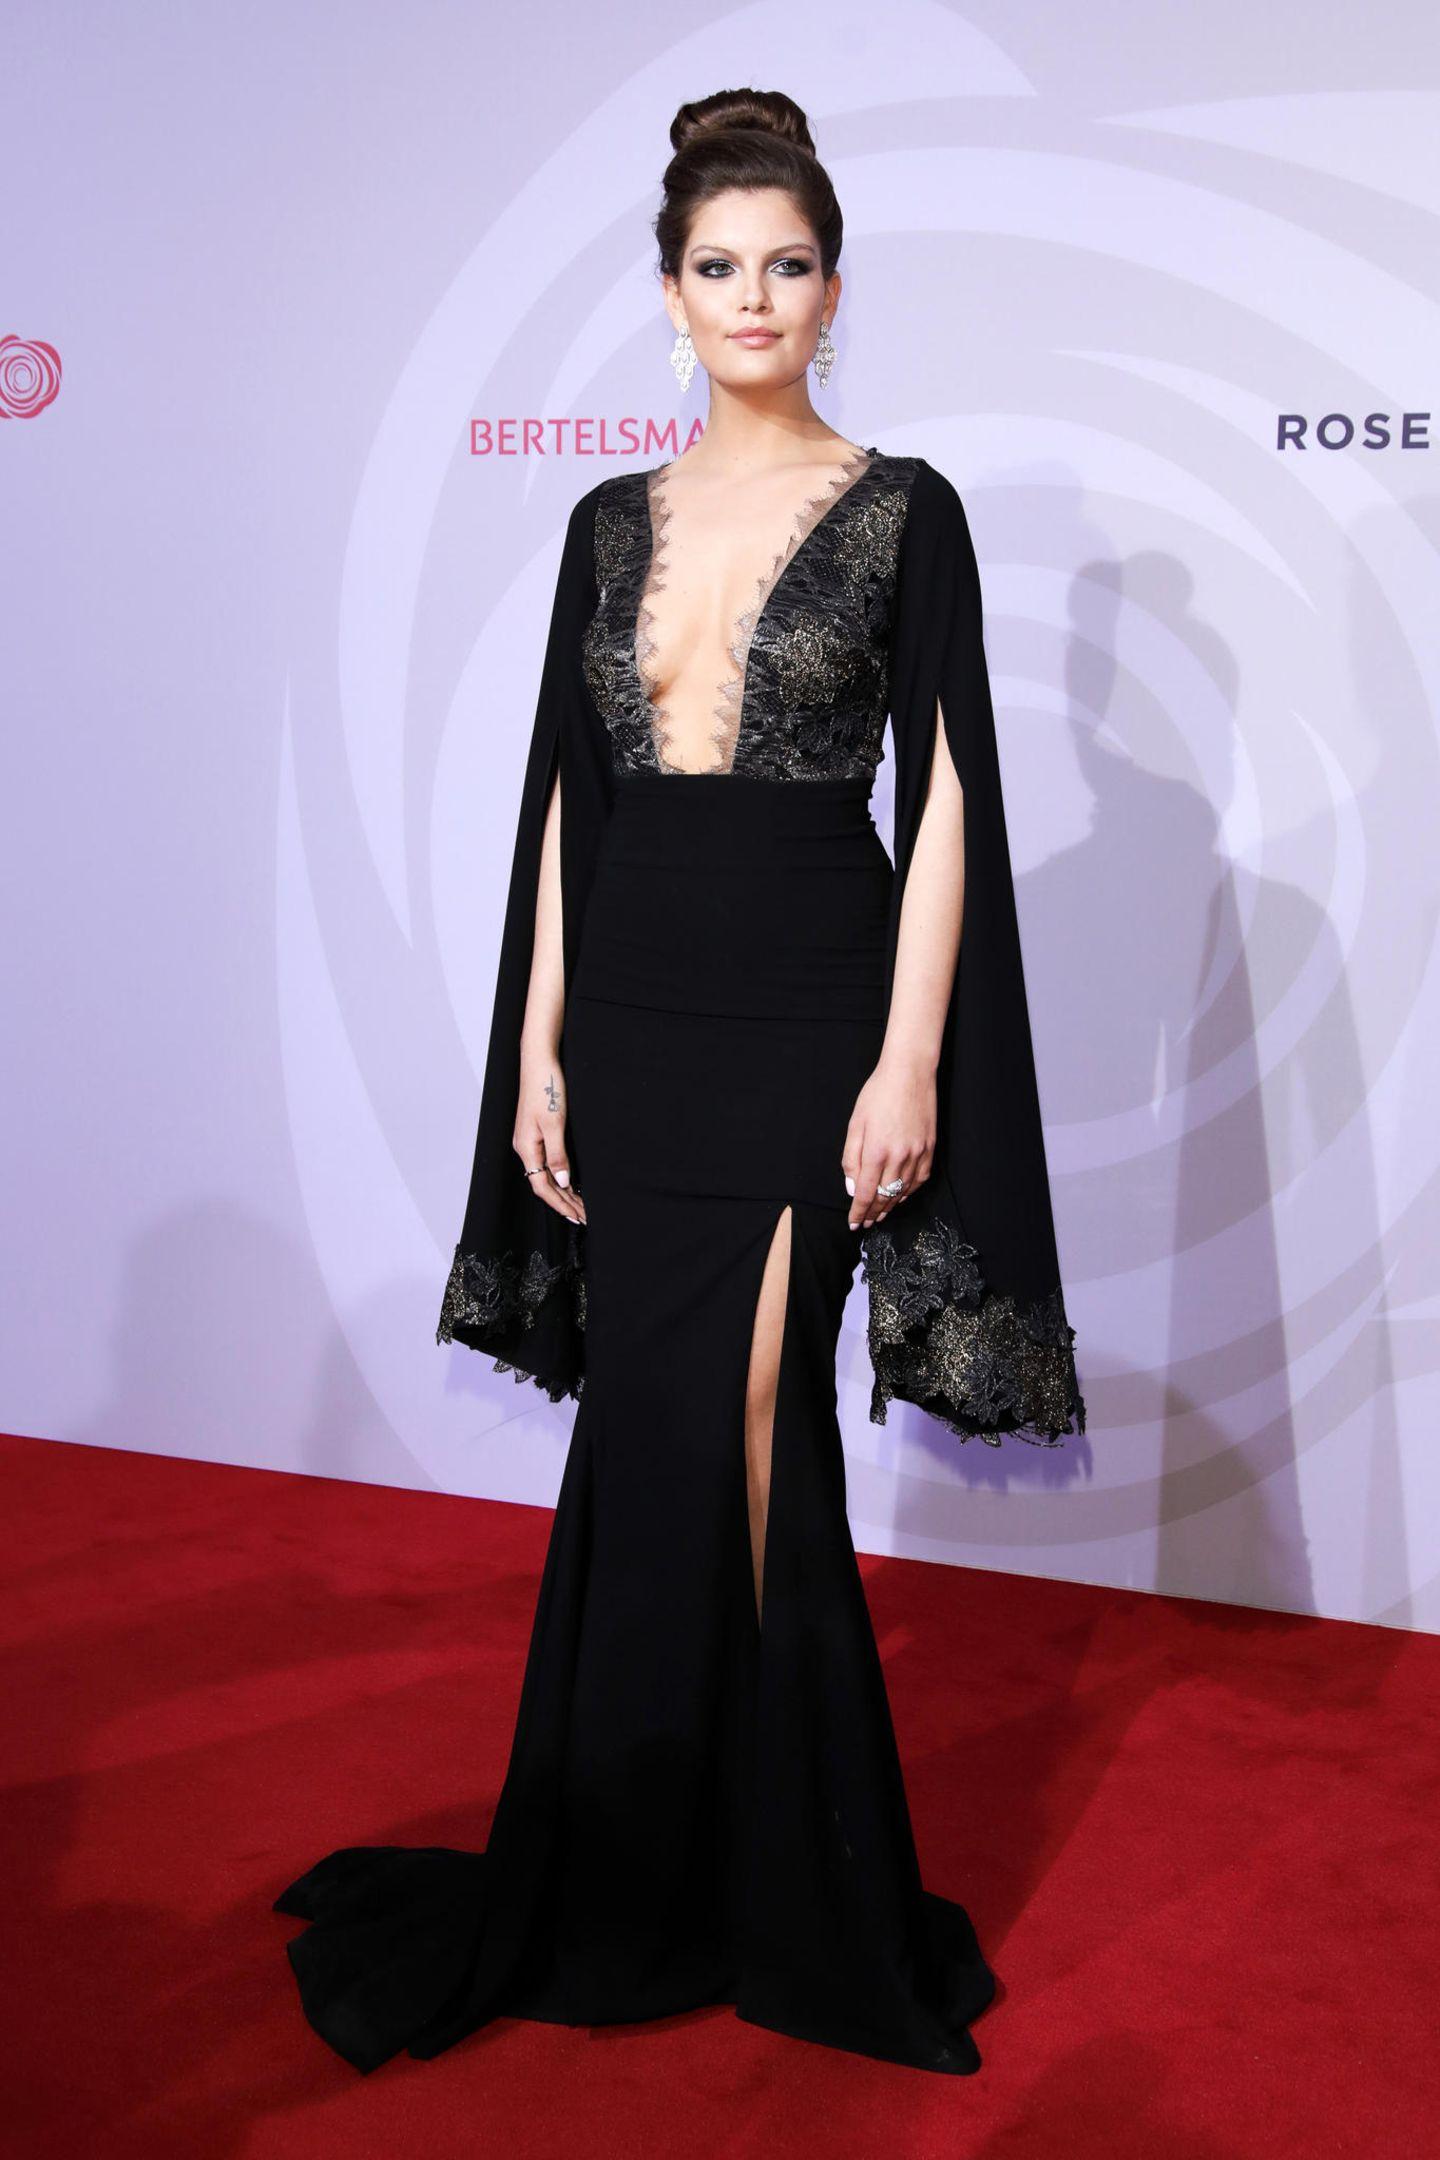 Model und Influencerin Vanessa Fuchs glänzte in einem Traumkleid von Lana Mueller auf dem roten Teppich des Rosenballs.